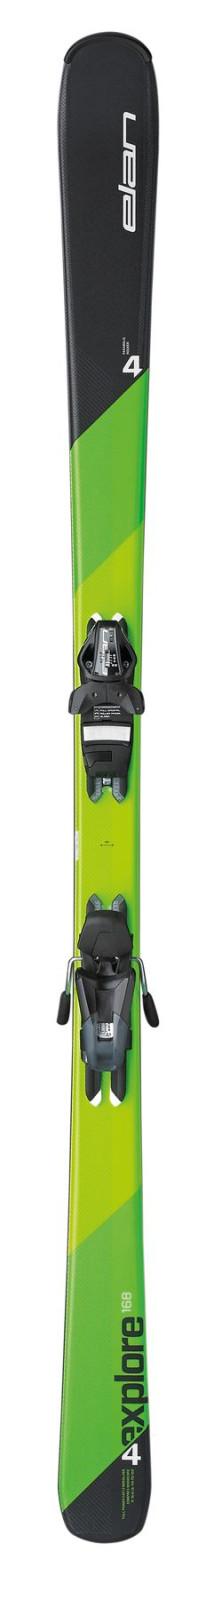 Rekreační sjezdové lyže Elan Explore 4 Plate